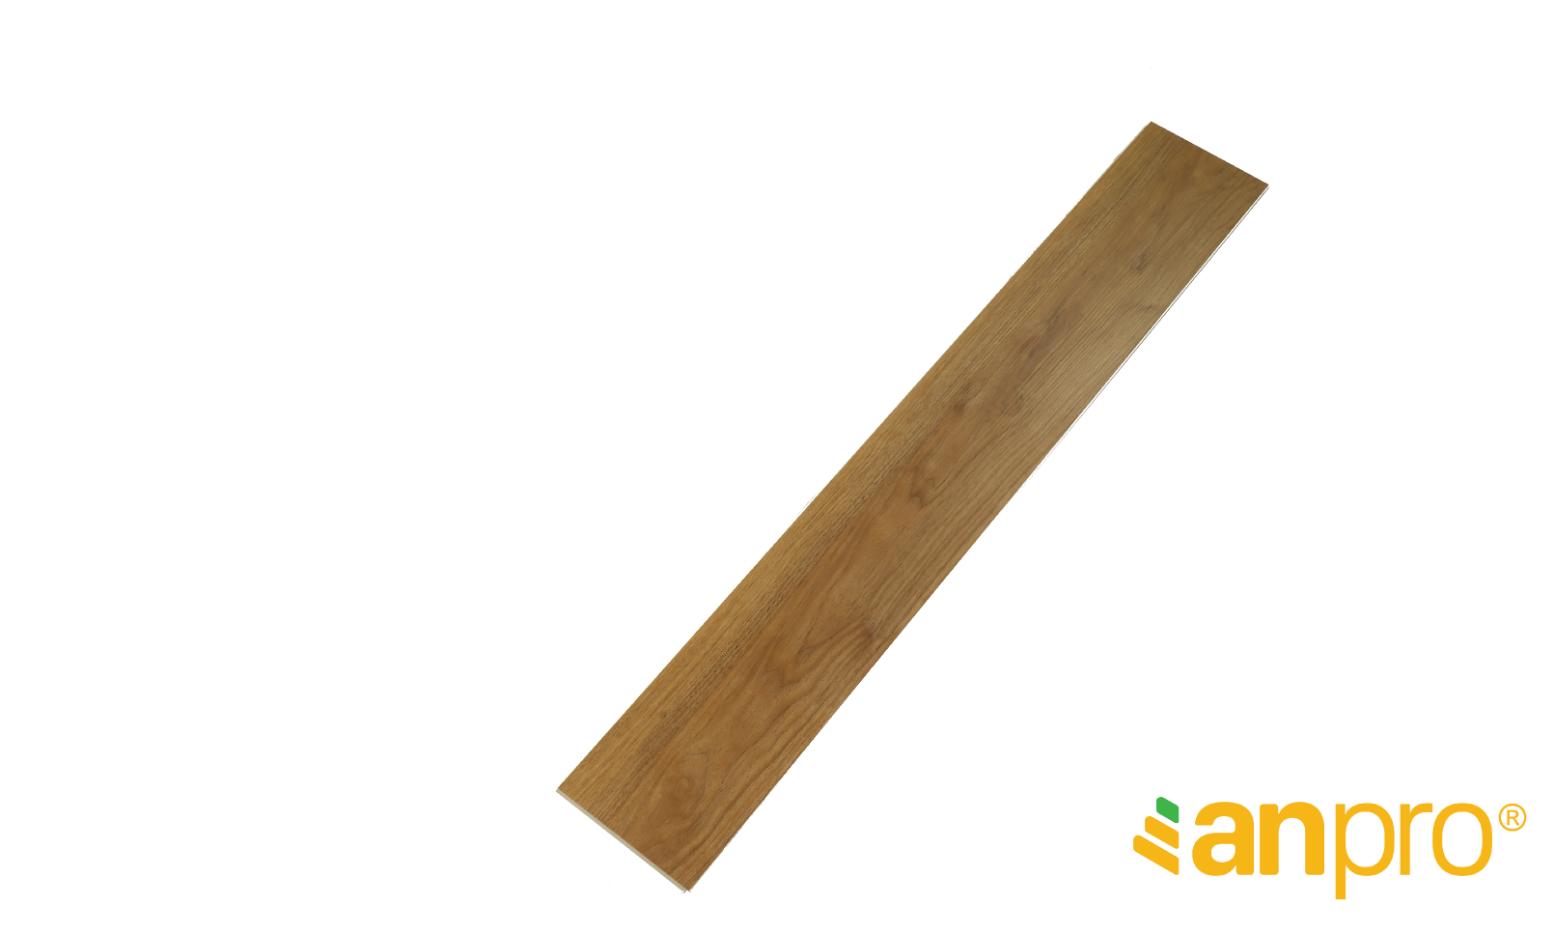 SA15 1 01 - Sàn AnPro vân gỗ SA15